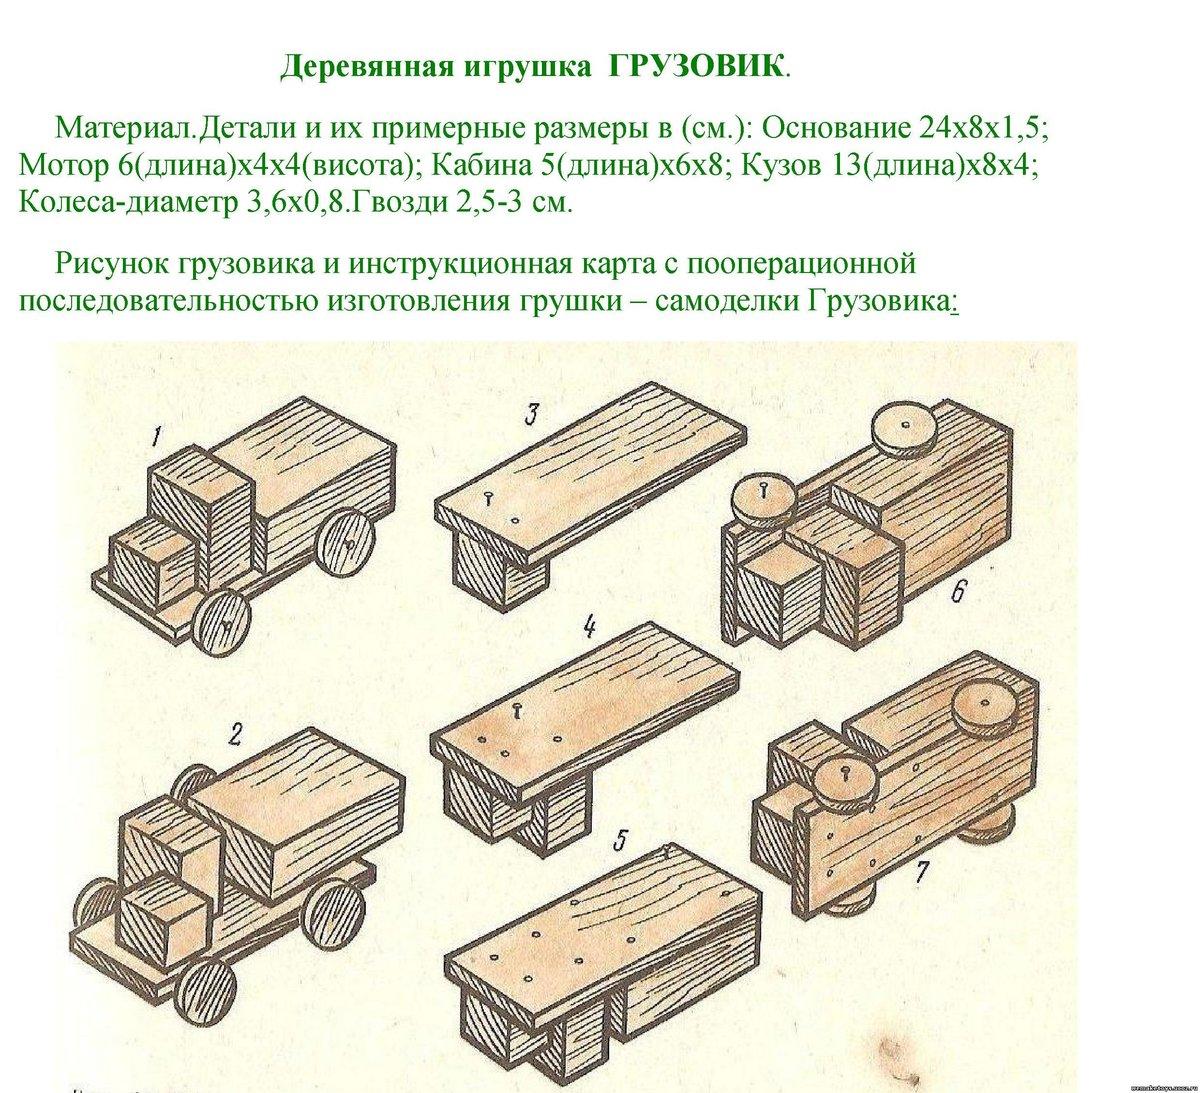 Чертеж поделок из древесины